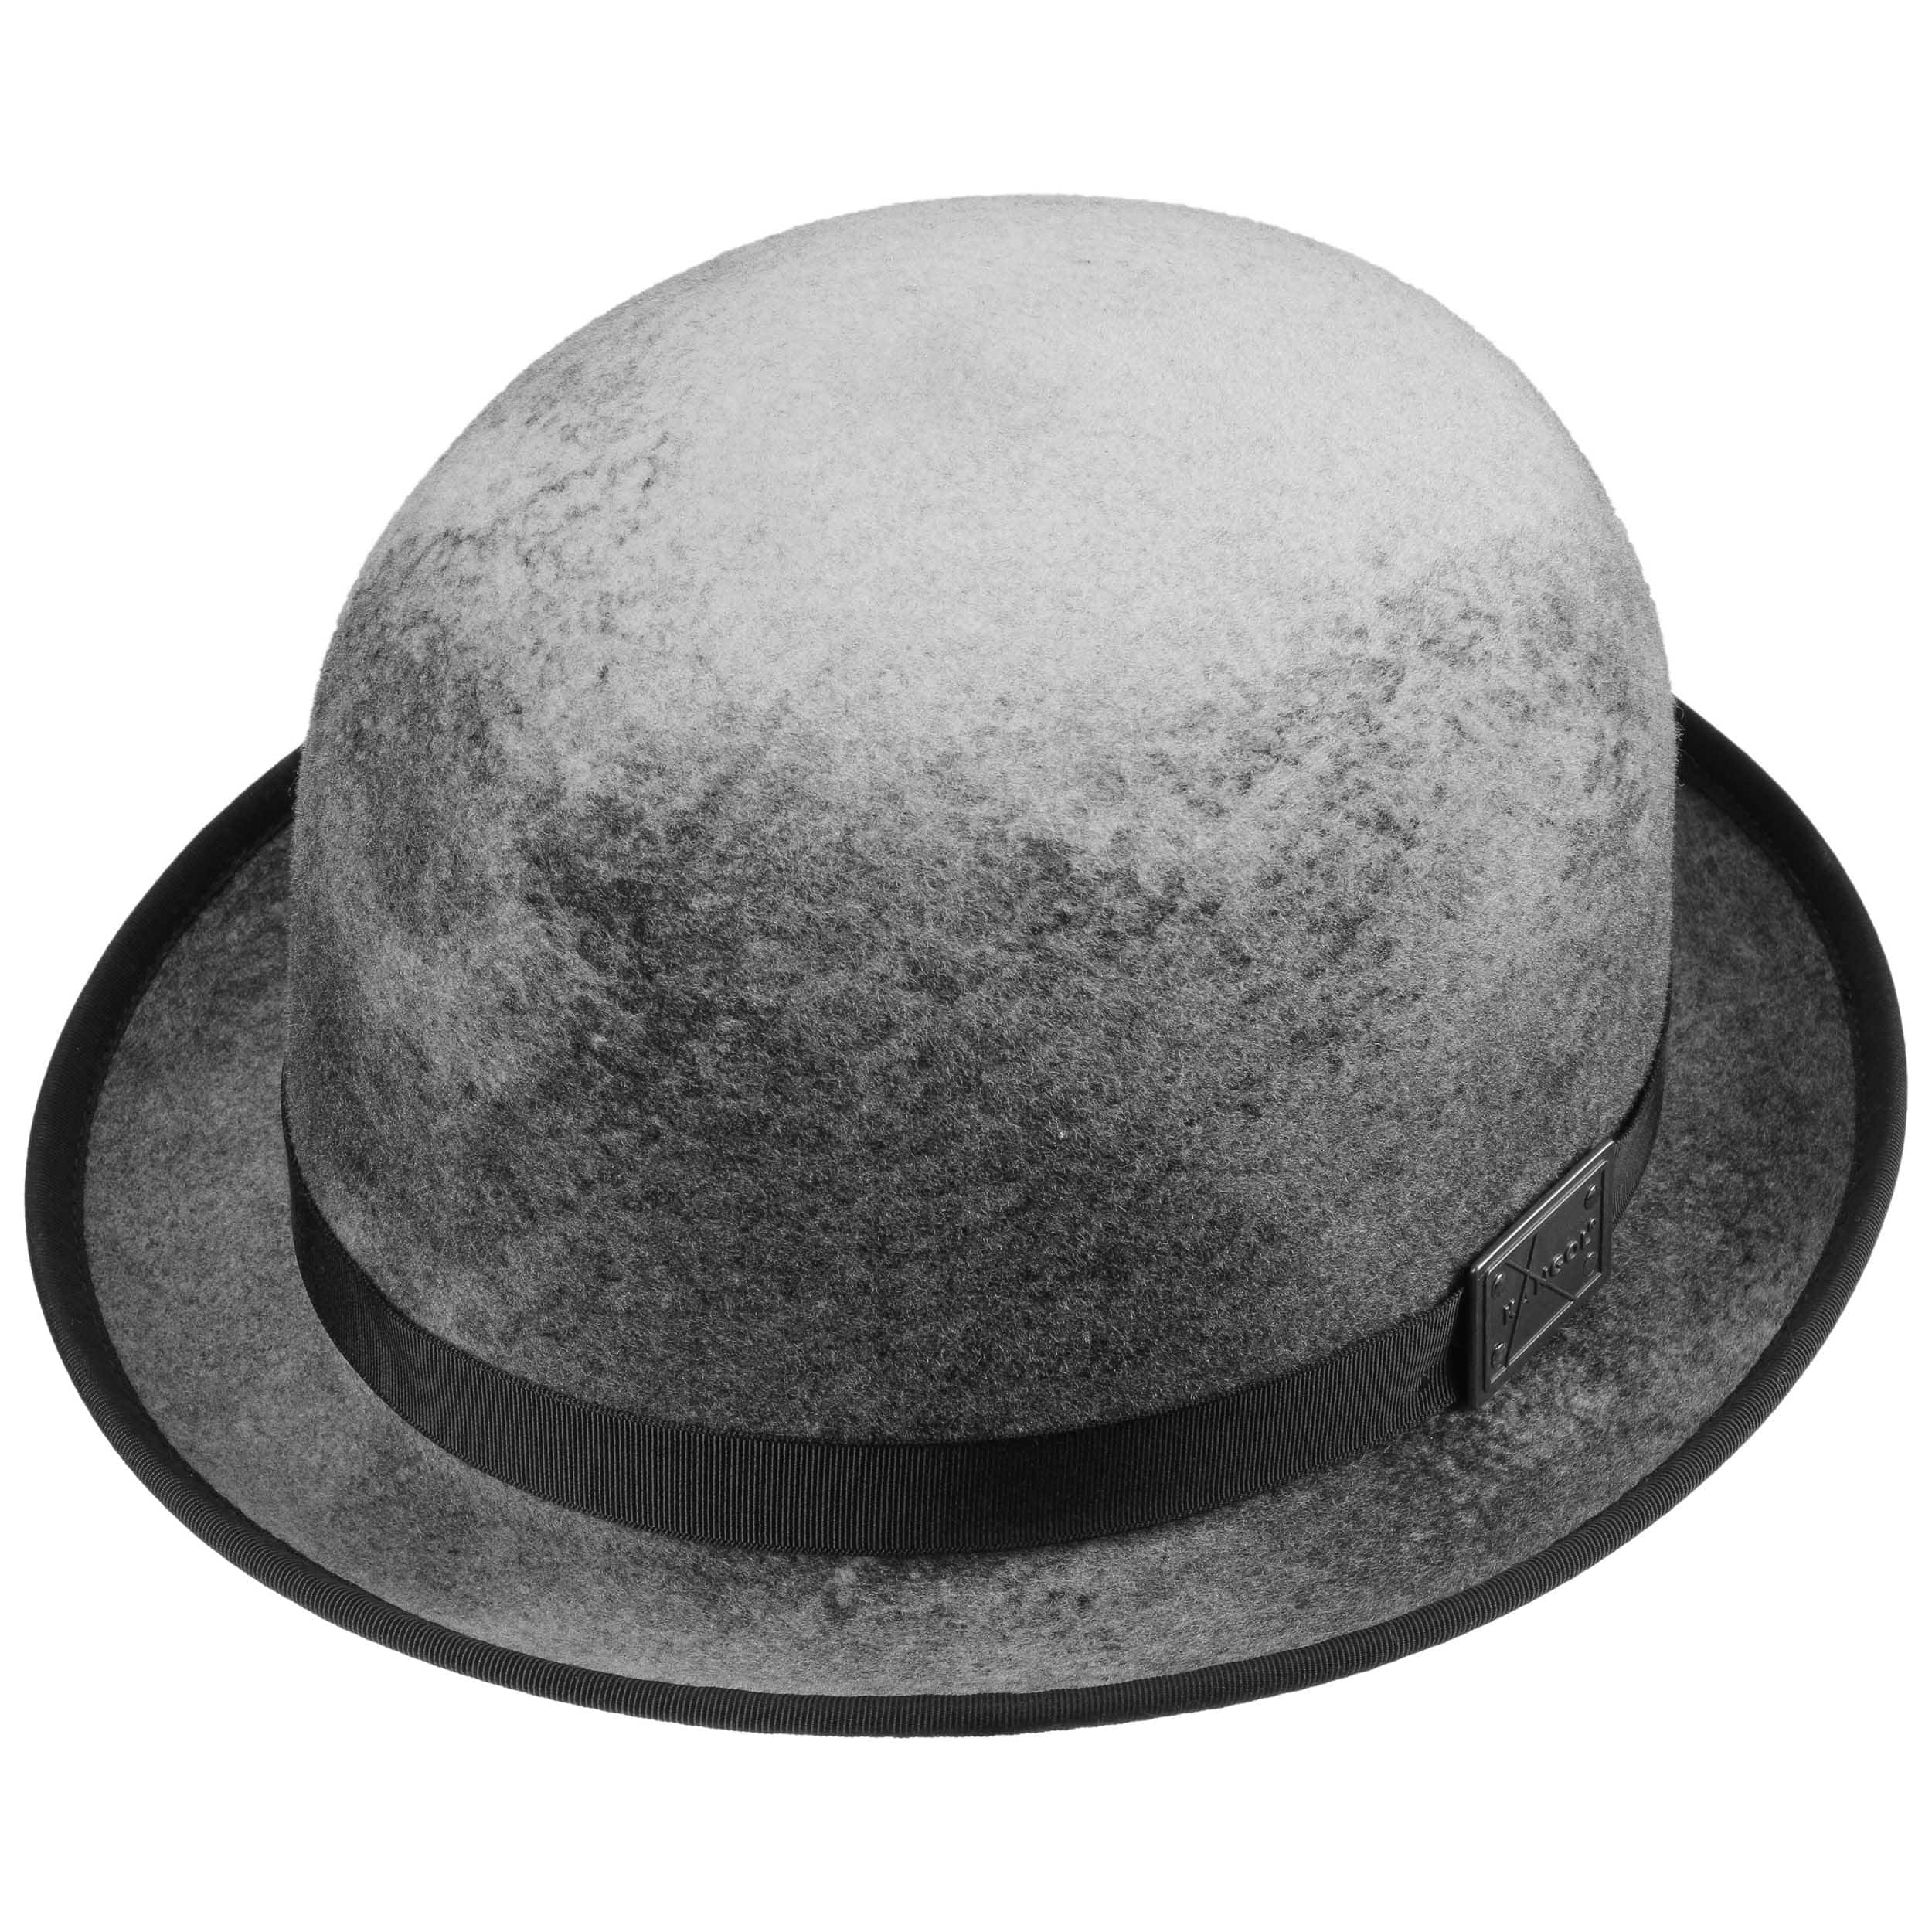 Aged Bowler Wool Felt Hat by Kangol - grey 1 ... 27766fbe8399